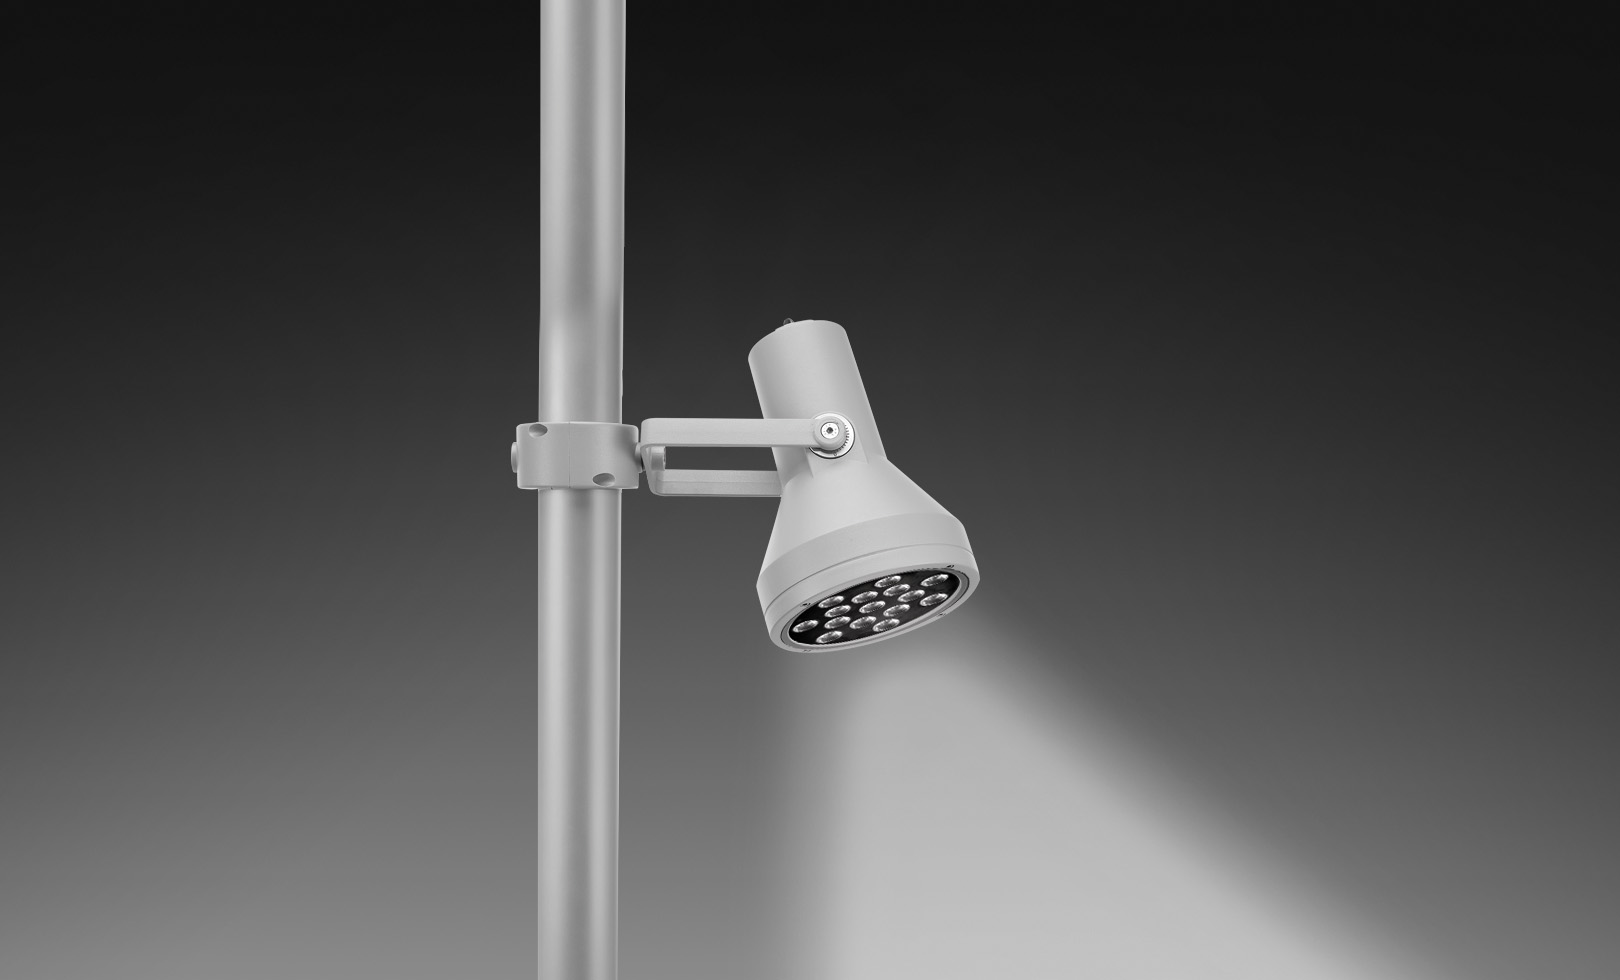 805009-805011 FLASH POLE MEGA LED 22W 1